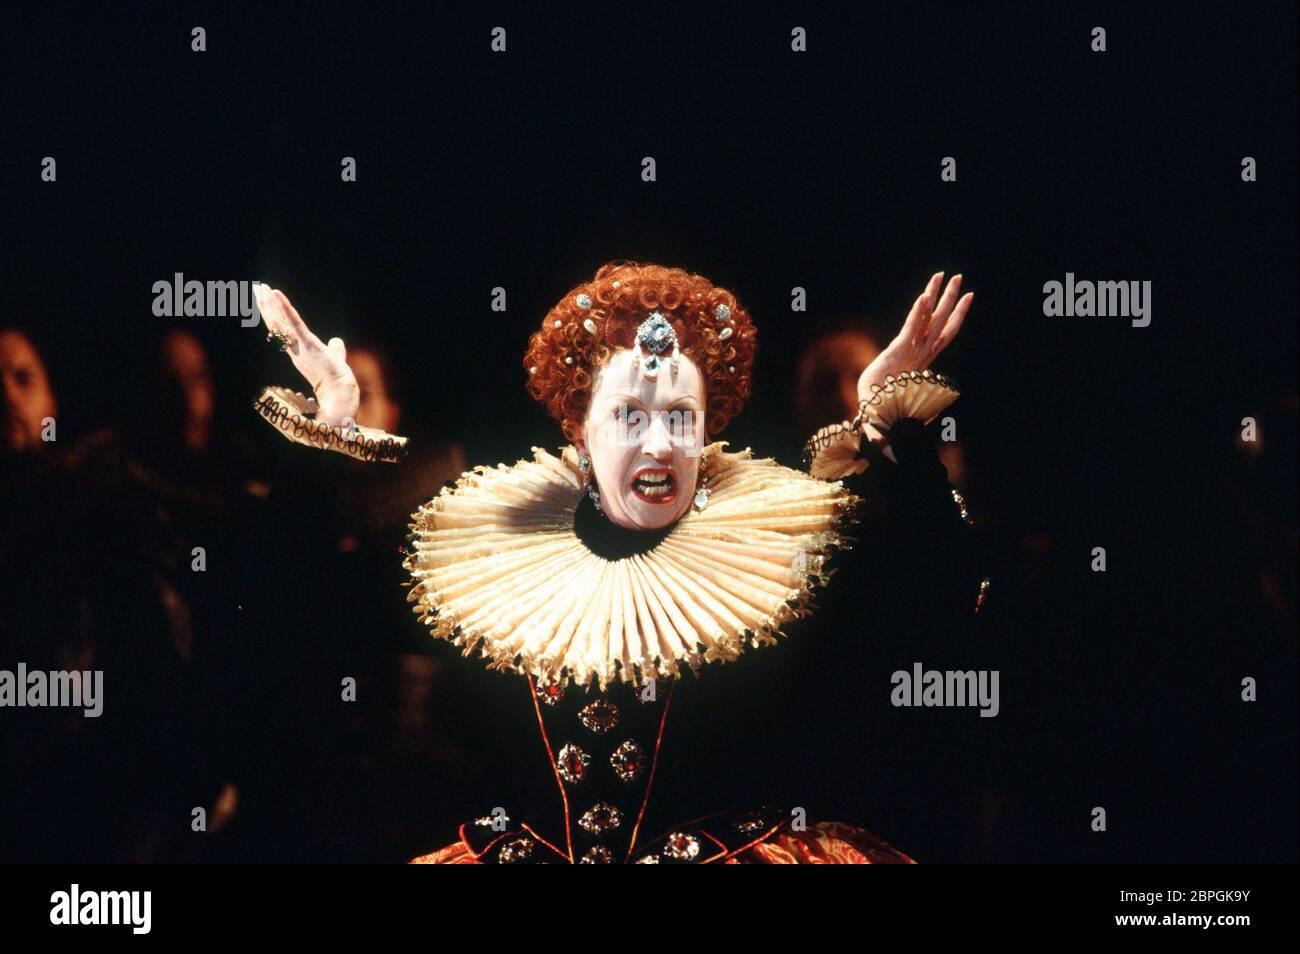 Josephine Barstow (Reine Elizabeth I) dans GLORIANA par Benjamin Britten à Opera North, Leeds, Angleterre en 1993 libretto: William Plomer basé sur 'Elizabeth et Essex: Une histoire tragique' par Lytton Strachey chef d'orchestre: Paul Daniel design: Anthony Ward directeur: Phyllida Lloyd Banque D'Images